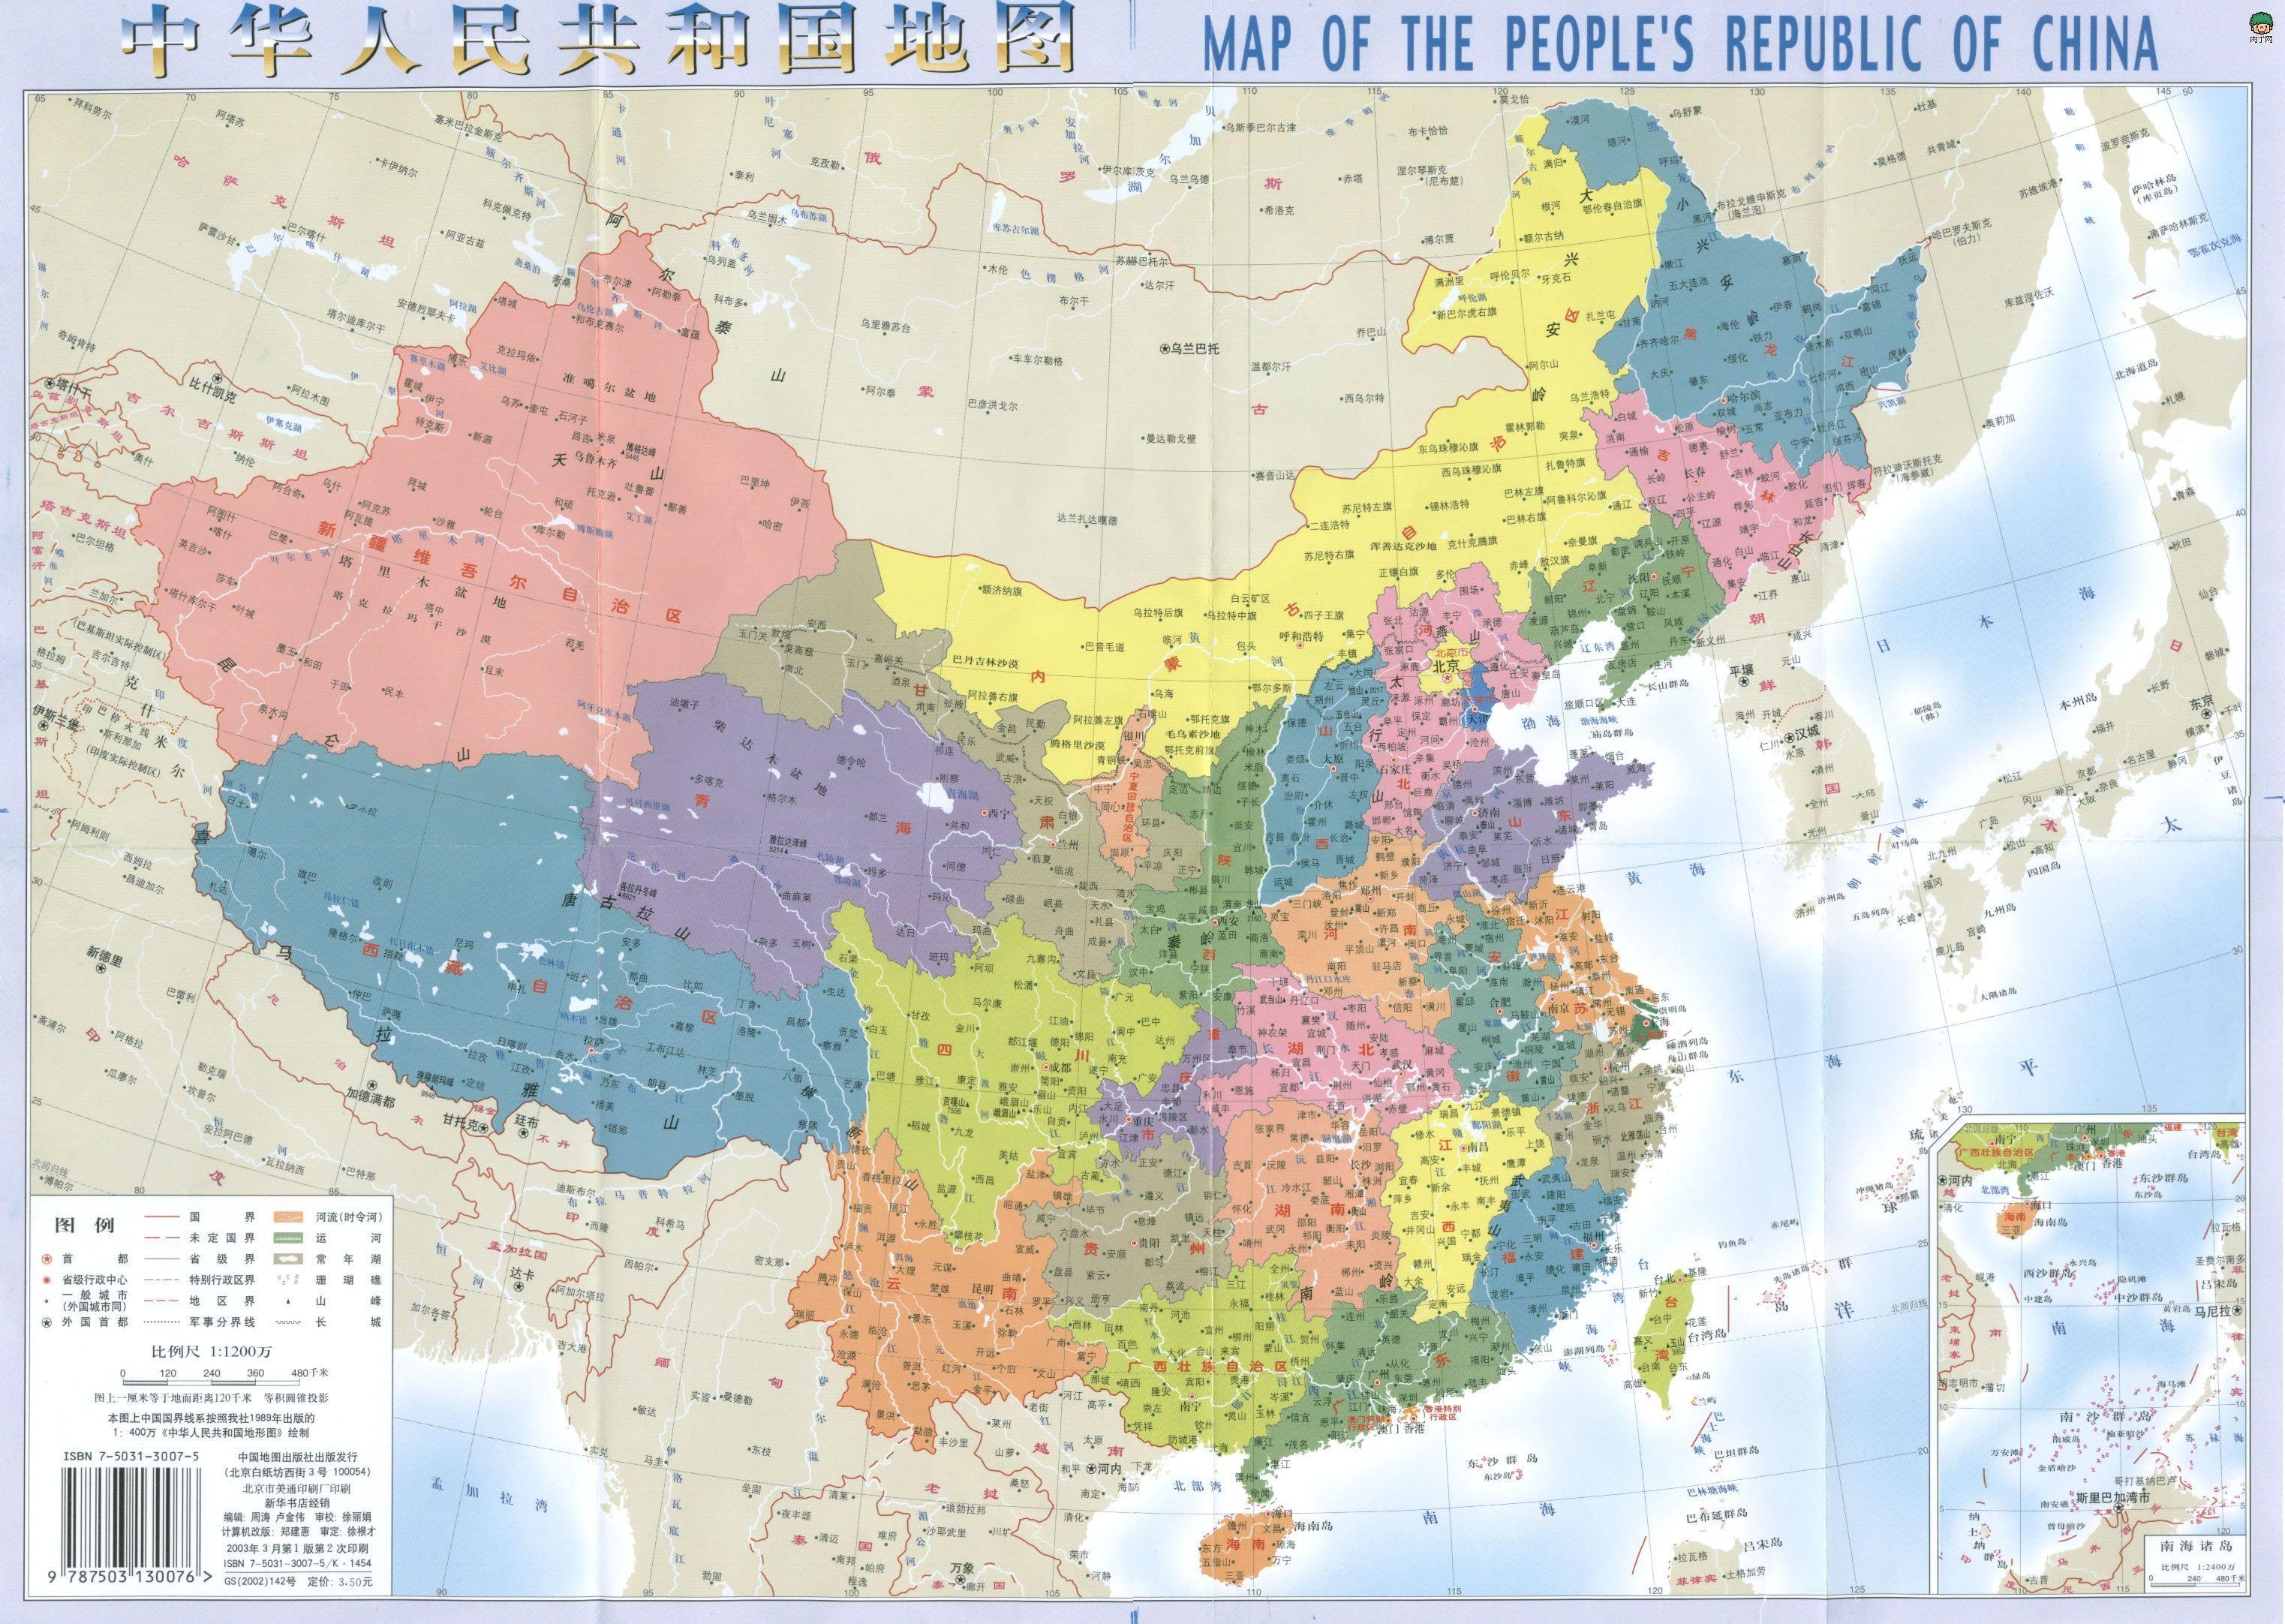 中国地图全图可放大_求一张类似的中国地图,要全.